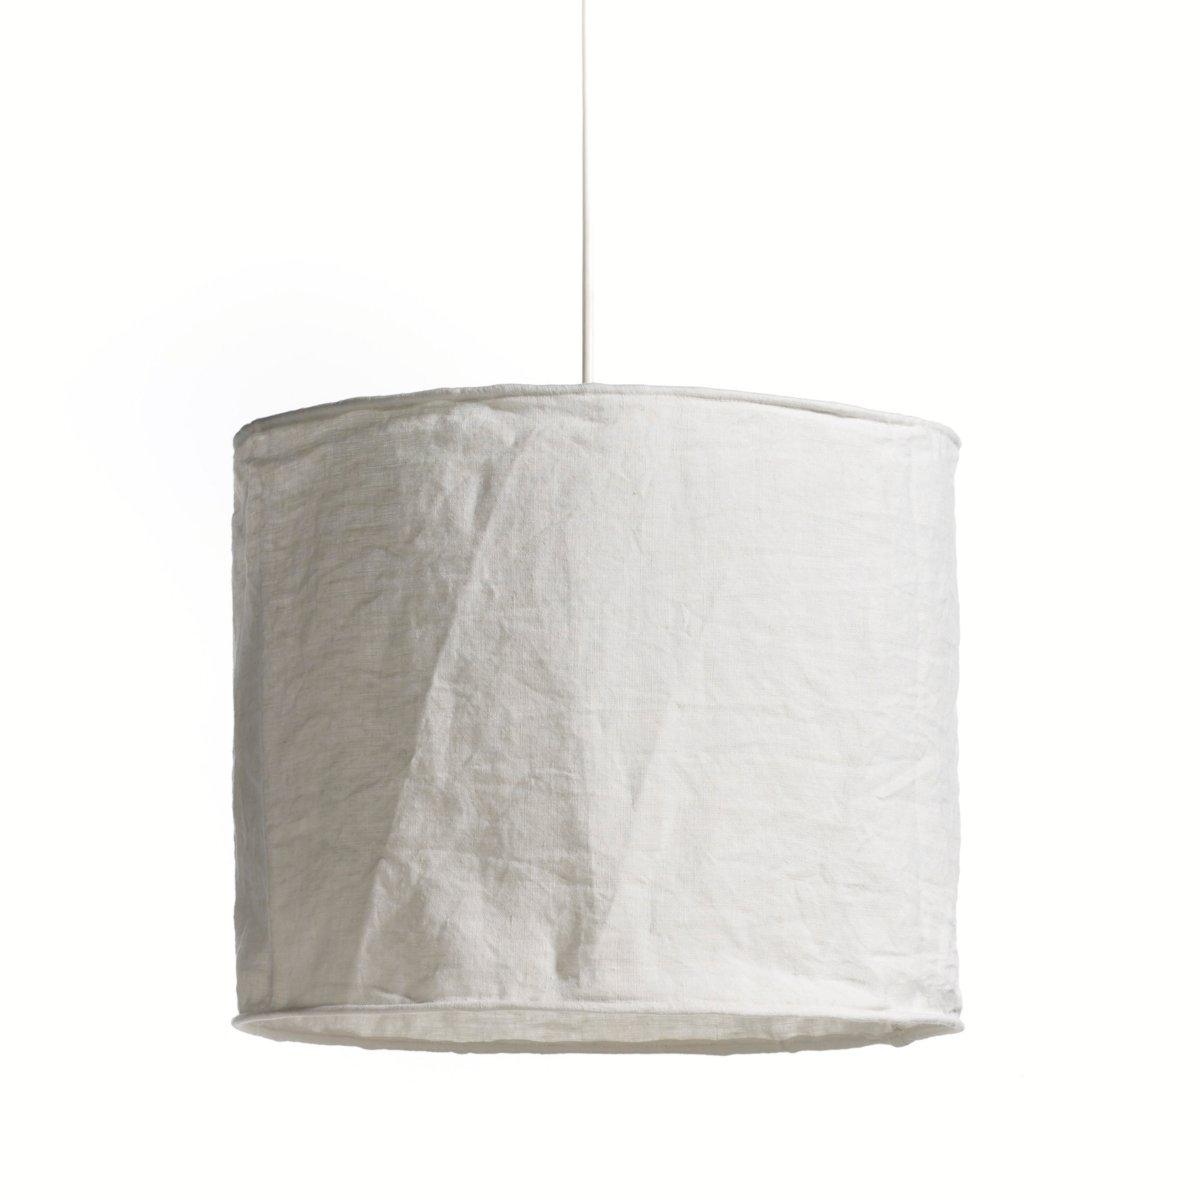 Светильник из жатого льна, ThadeХарактеристики светильника Thade :НеэлектрифицированныйЦоколь E27 для лампы 60 Вт максимум (продается отдельно). Характеристики светильника Thade  :Из жатого льна на жестком каркасе Всю коллекцию светильников вы можете найти на сайте laredoute.ru.Размеры светильника Thade :Диаметр : 30 смВысота : 30 см<br><br>Цвет: коралловый,серо-коричневый,серый жемчужный,экрю